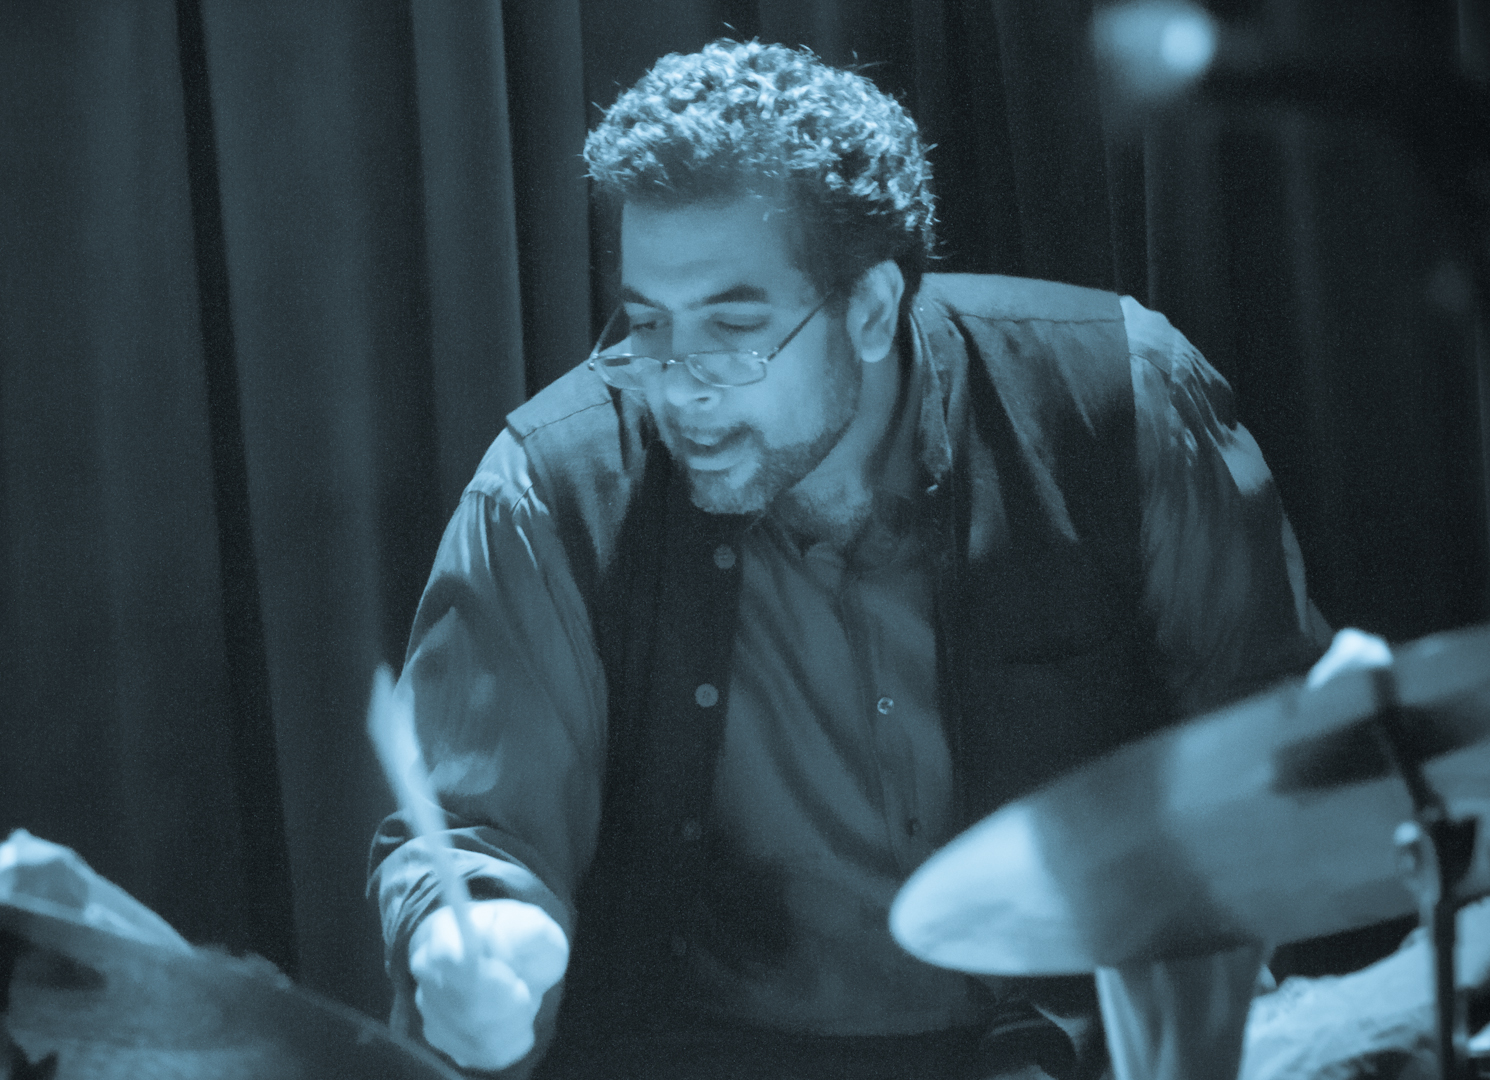 Sameer Gupta with Marc Cary Focus Trio at Smoke Jazz Club